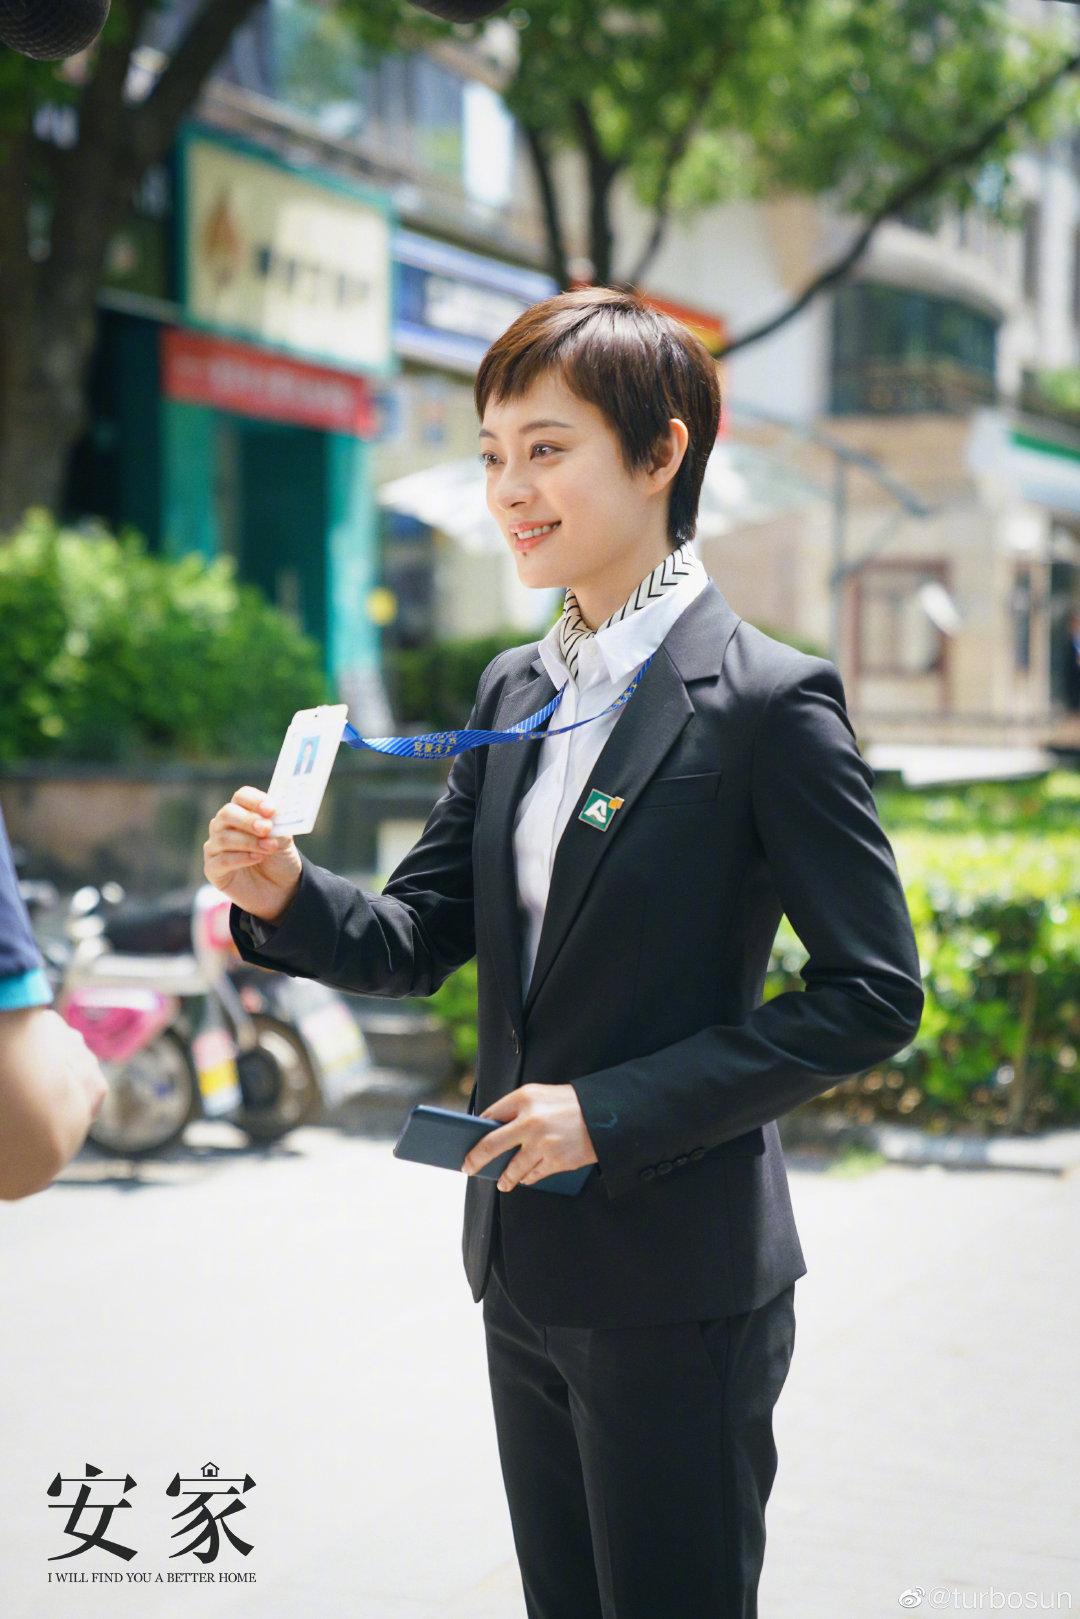 """Style công sở của Tôn Lệ trong phim mới khiến dân tình phân vân: Người khen đẹp, người chê vừa xấu vừa """"dừ"""" - Ảnh 3."""